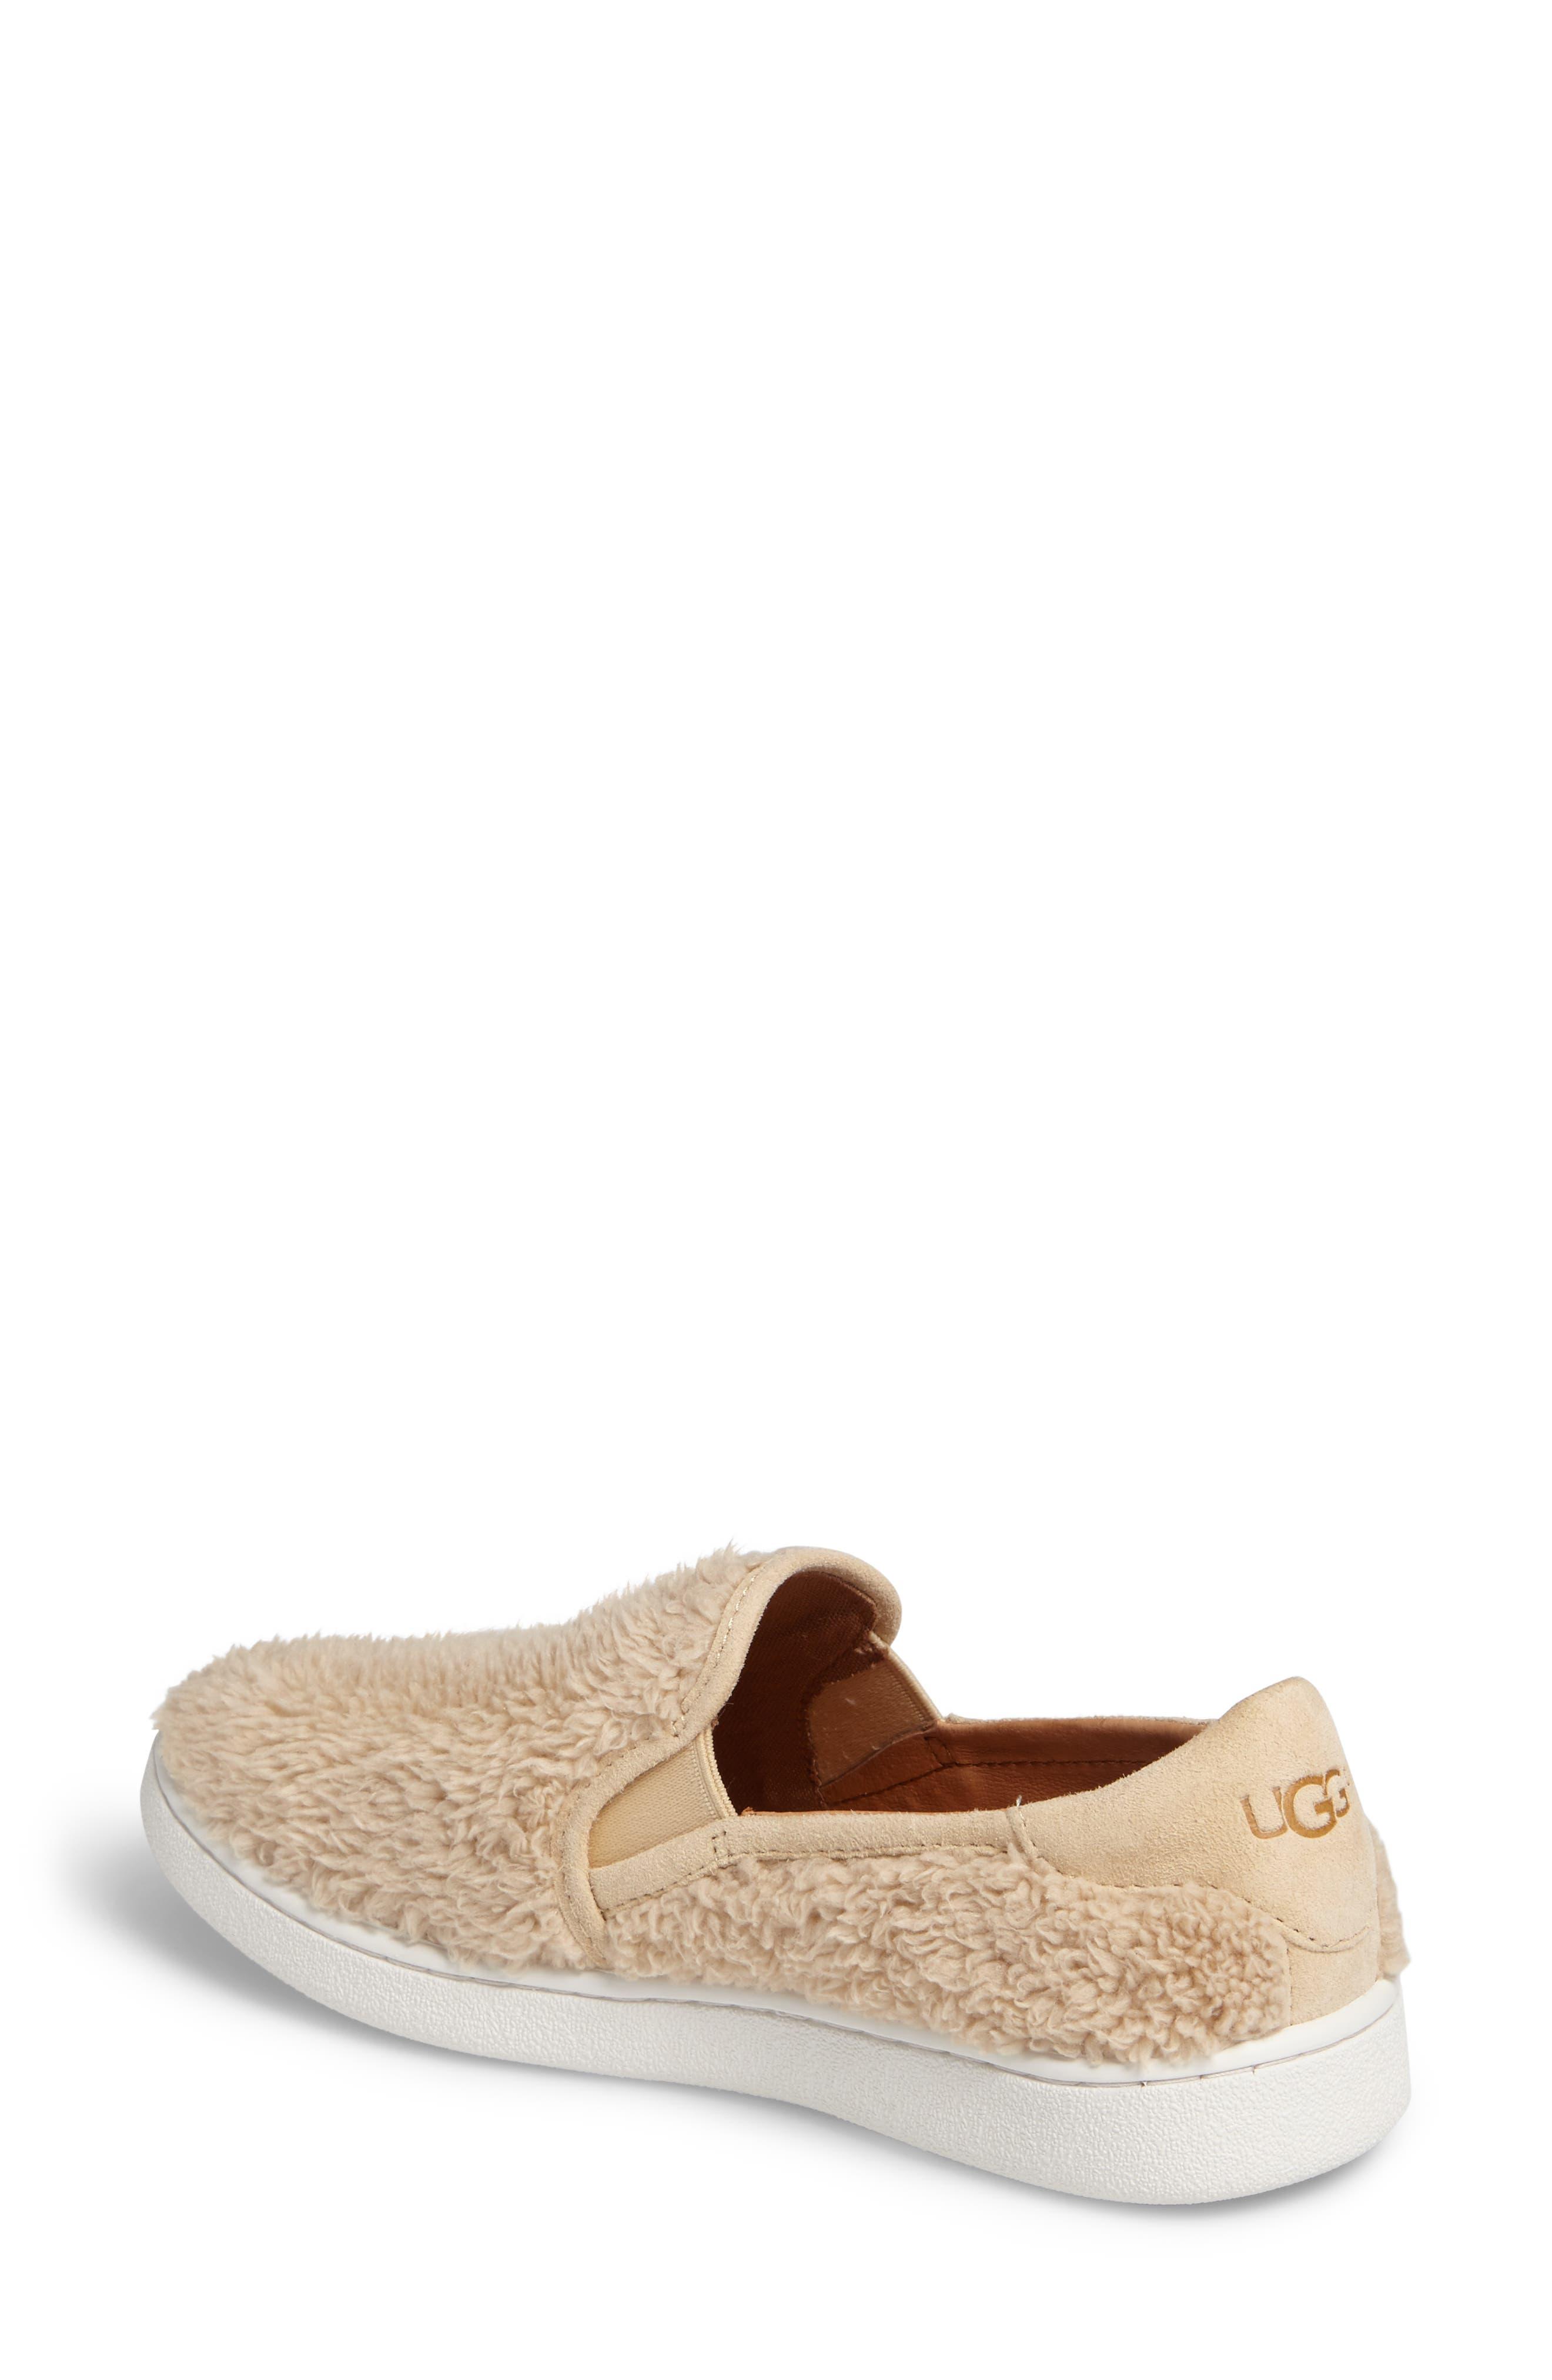 Alternate Image 2  - UGG® Ricci Plush Slip-On Sneaker (Women)